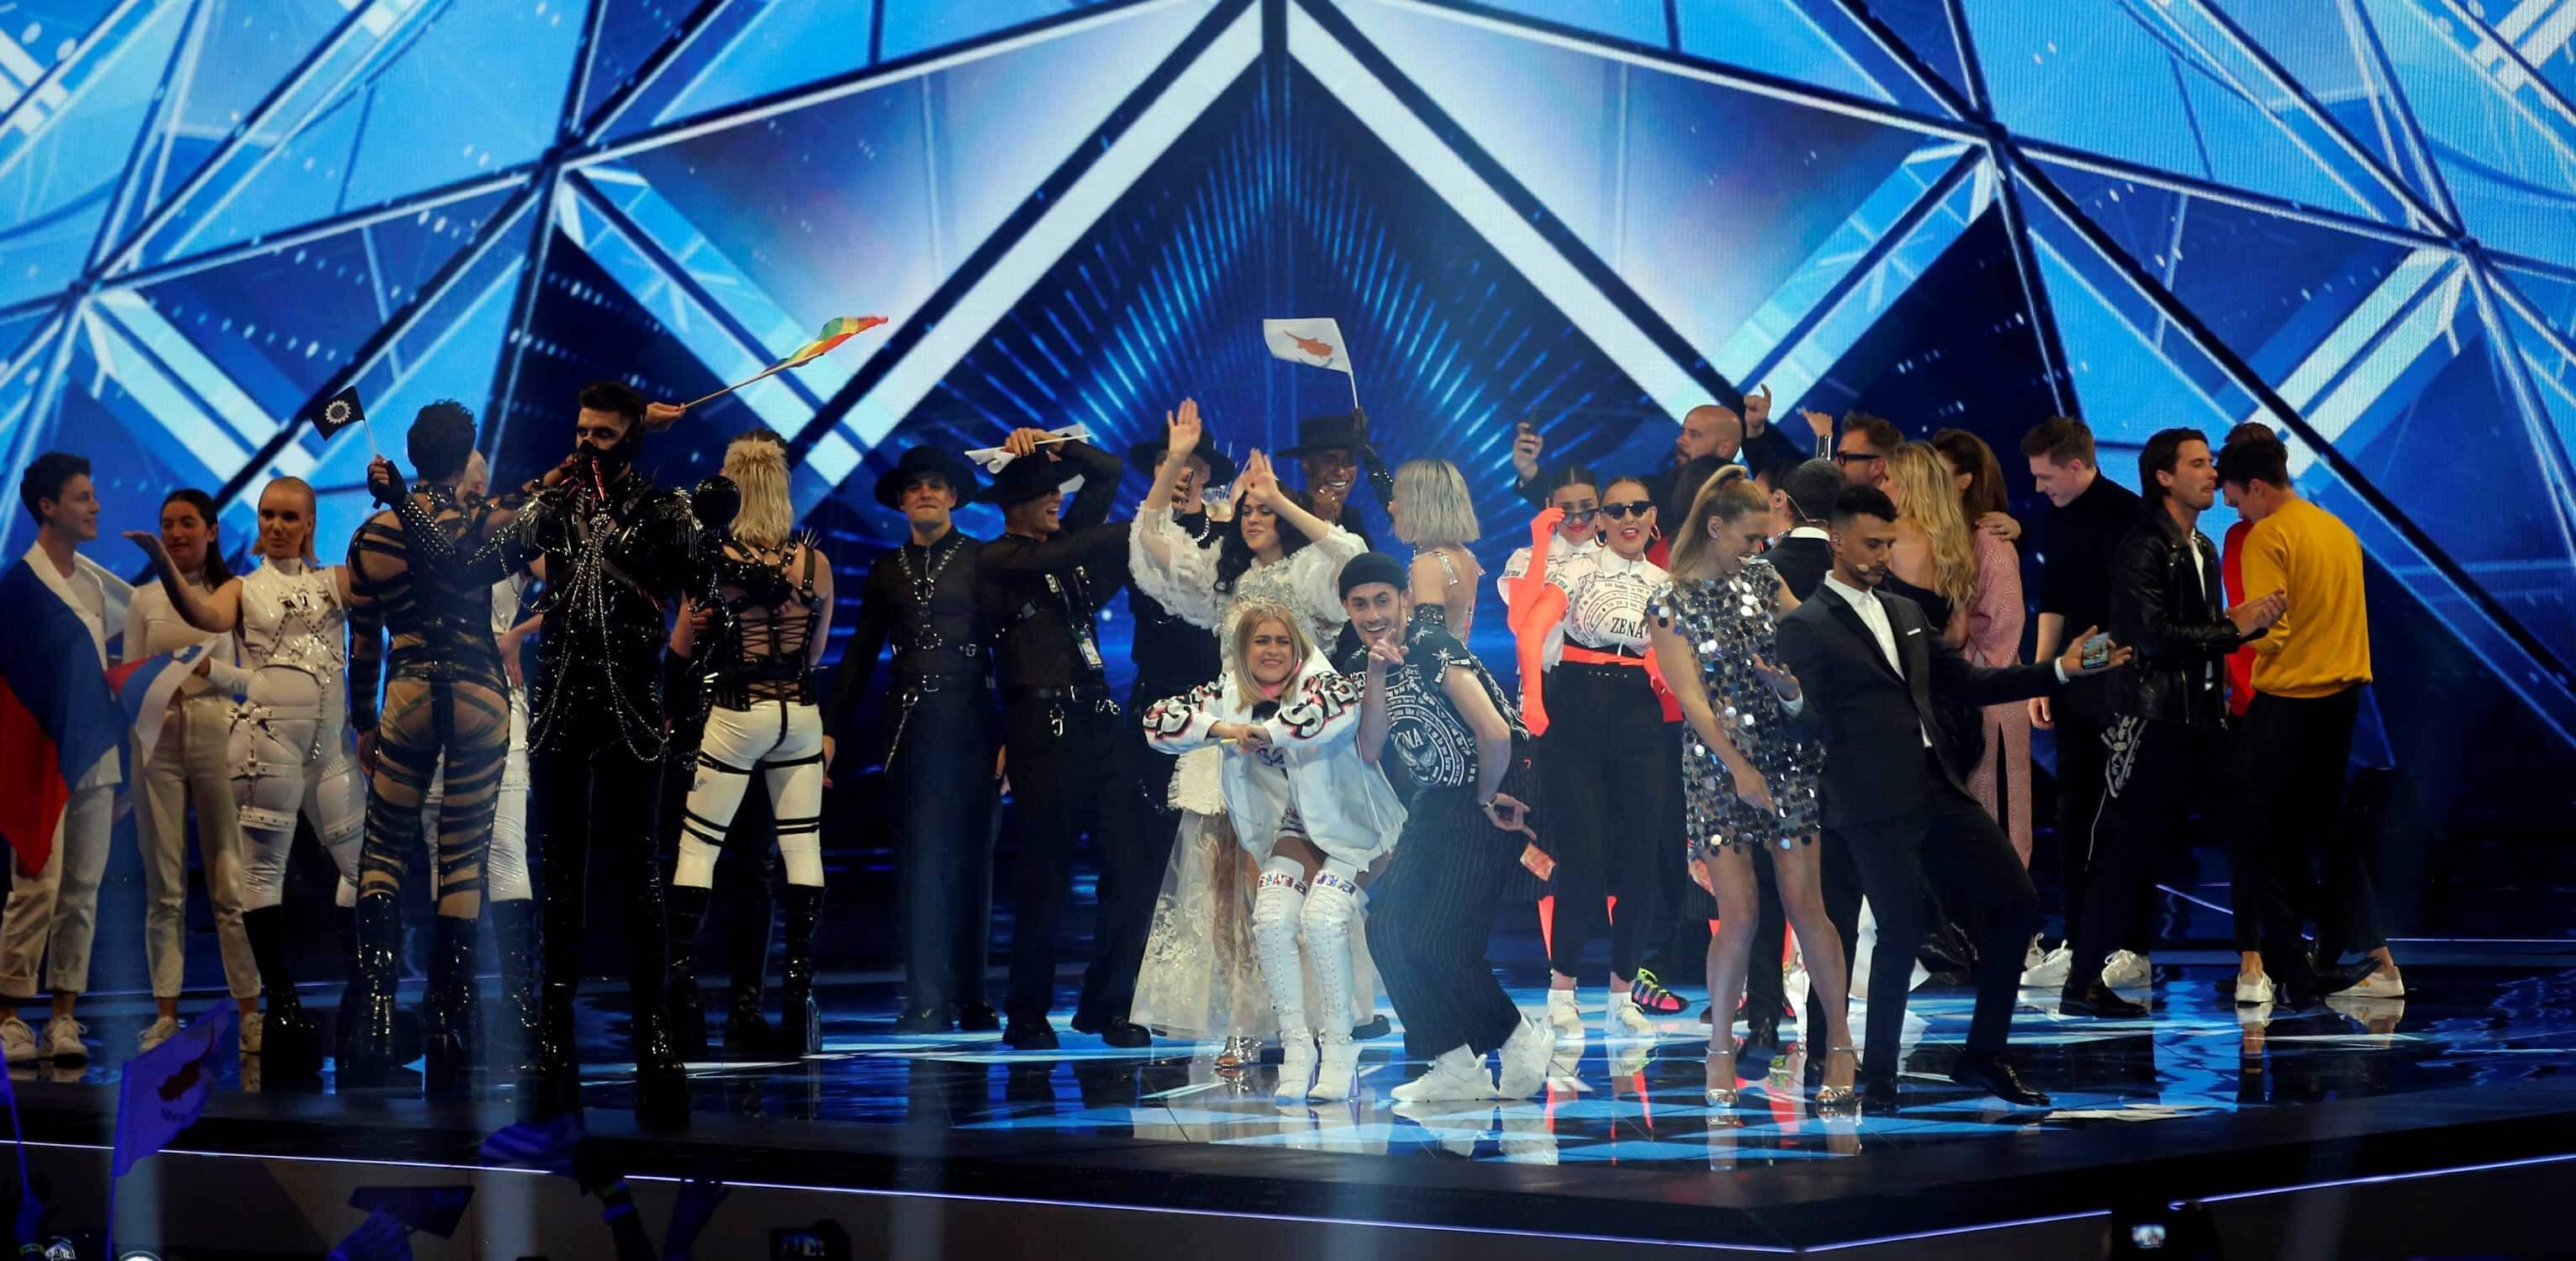 Κατερίνα Ντούσκα και Τάμτα στον τελικό της Eurovision - Πανηγυρίζουν Ελλάδα και Κύπρος!